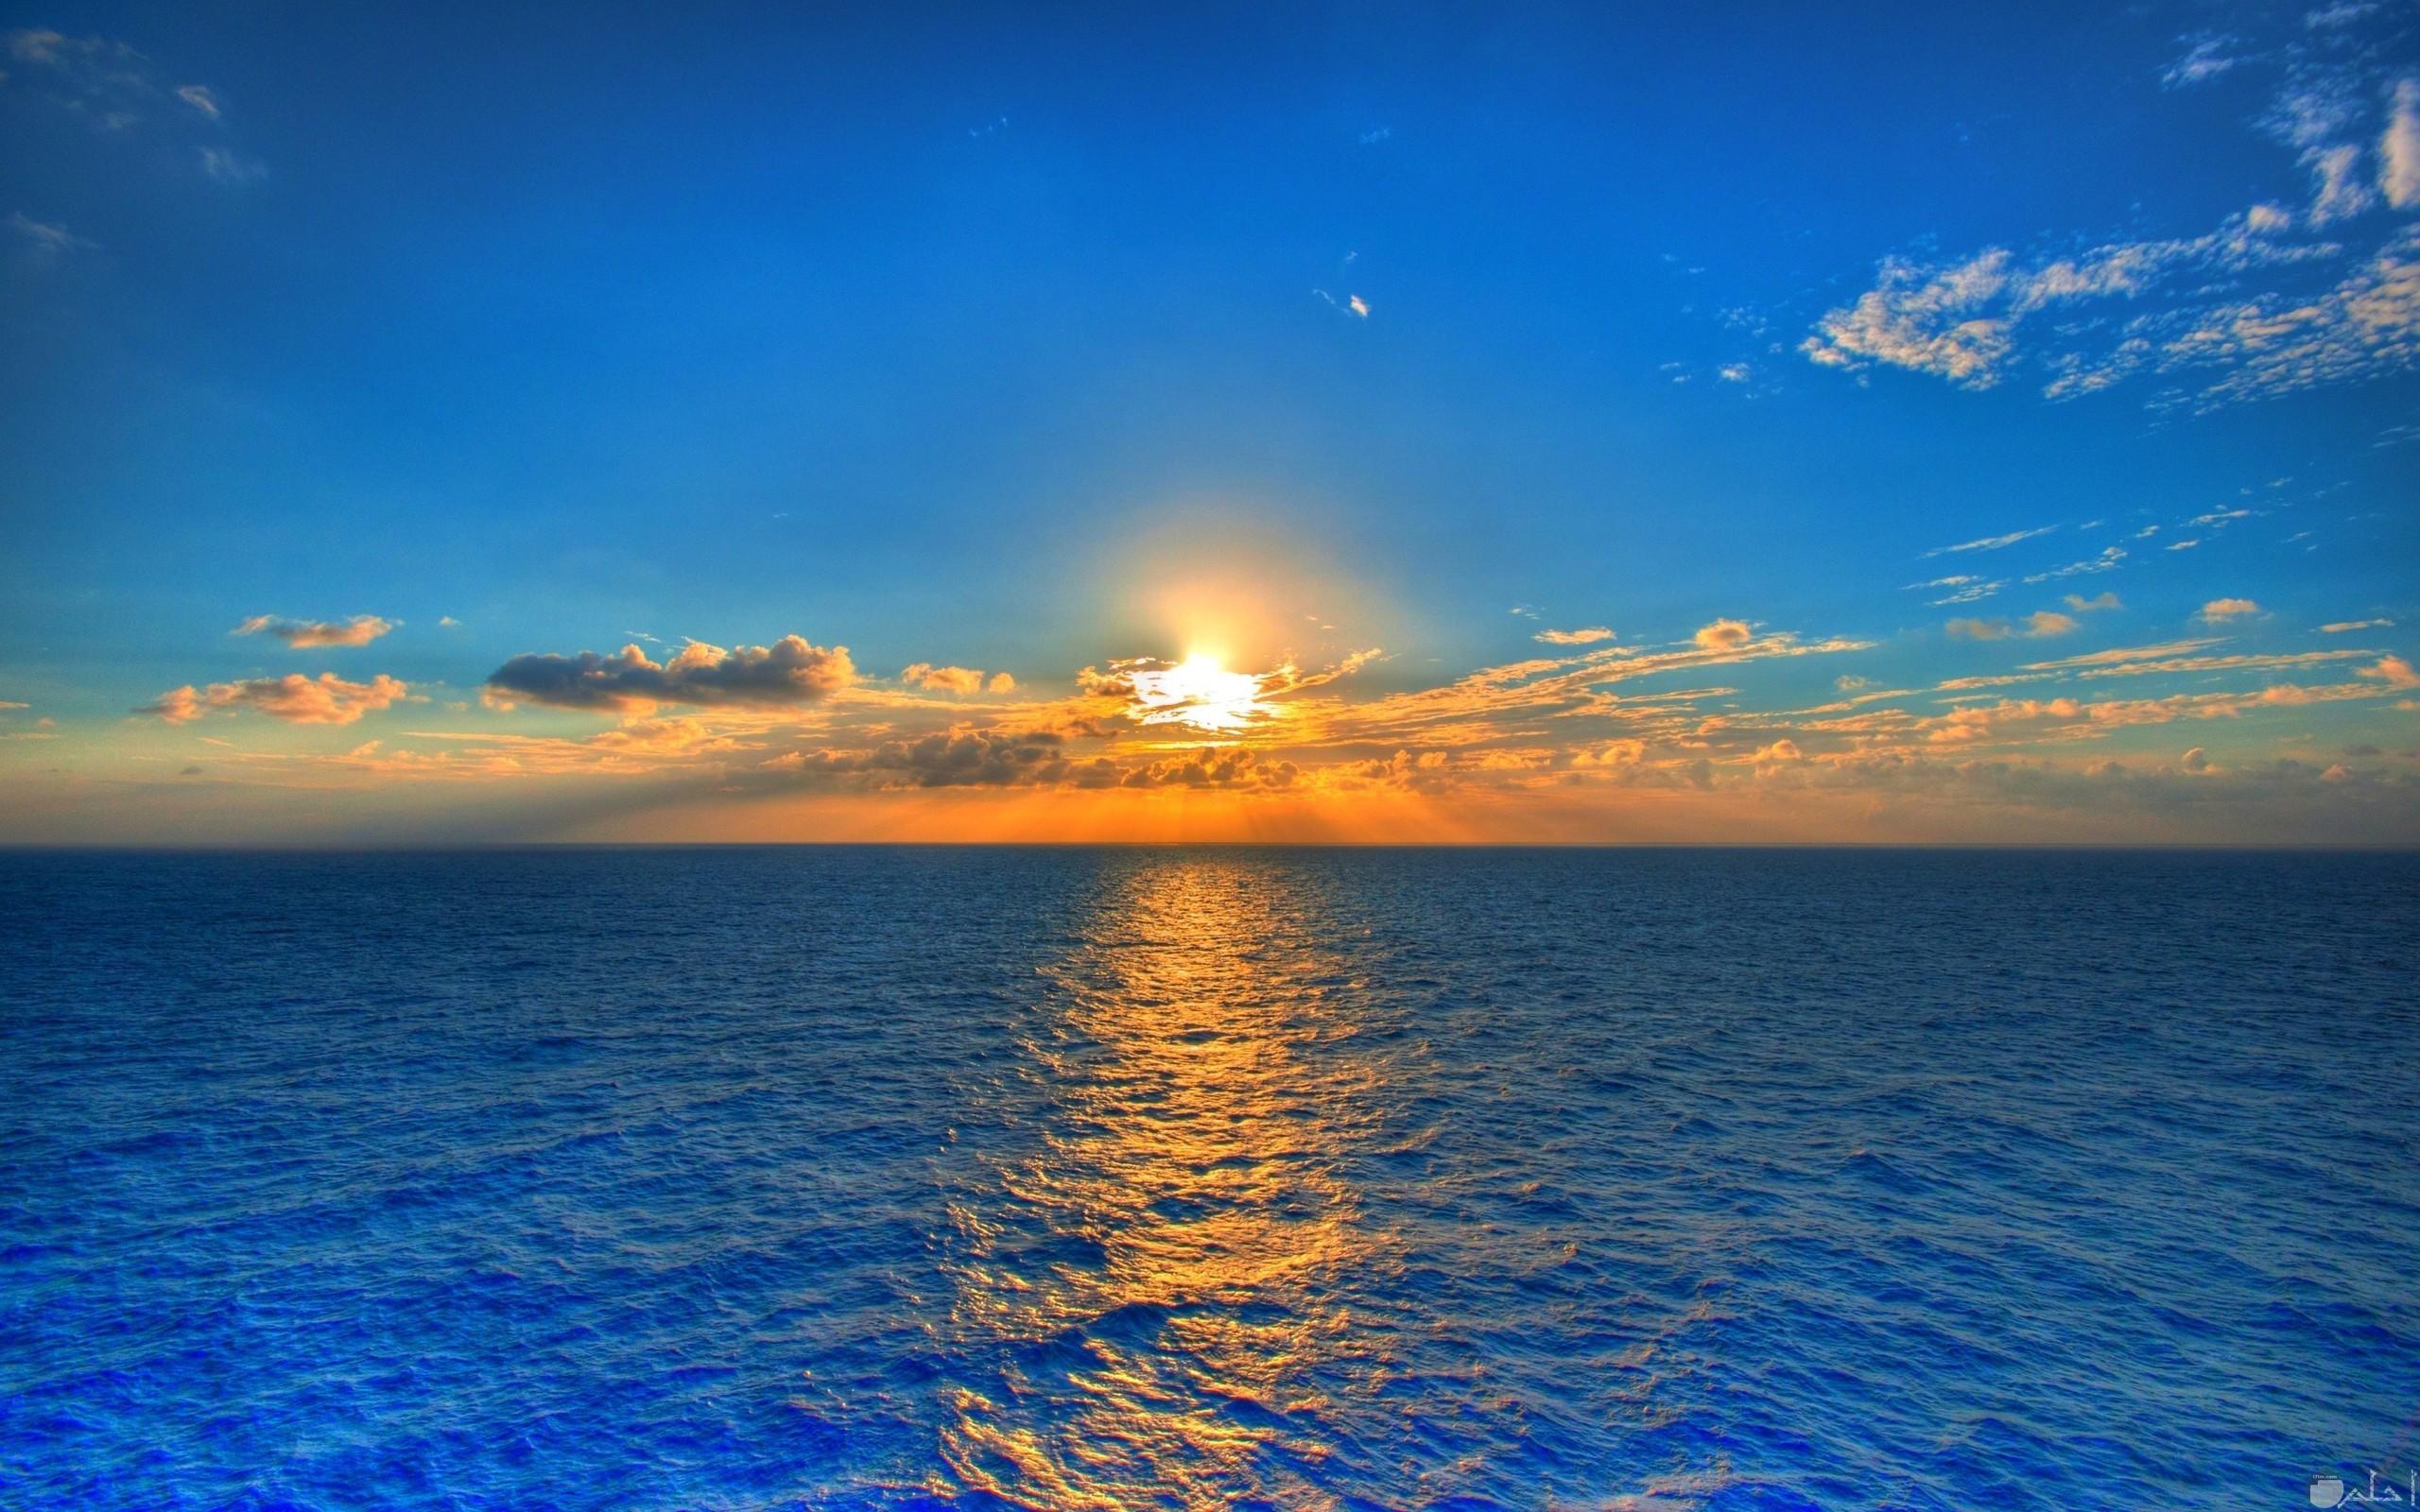 البحر و روعة السحر فيه.